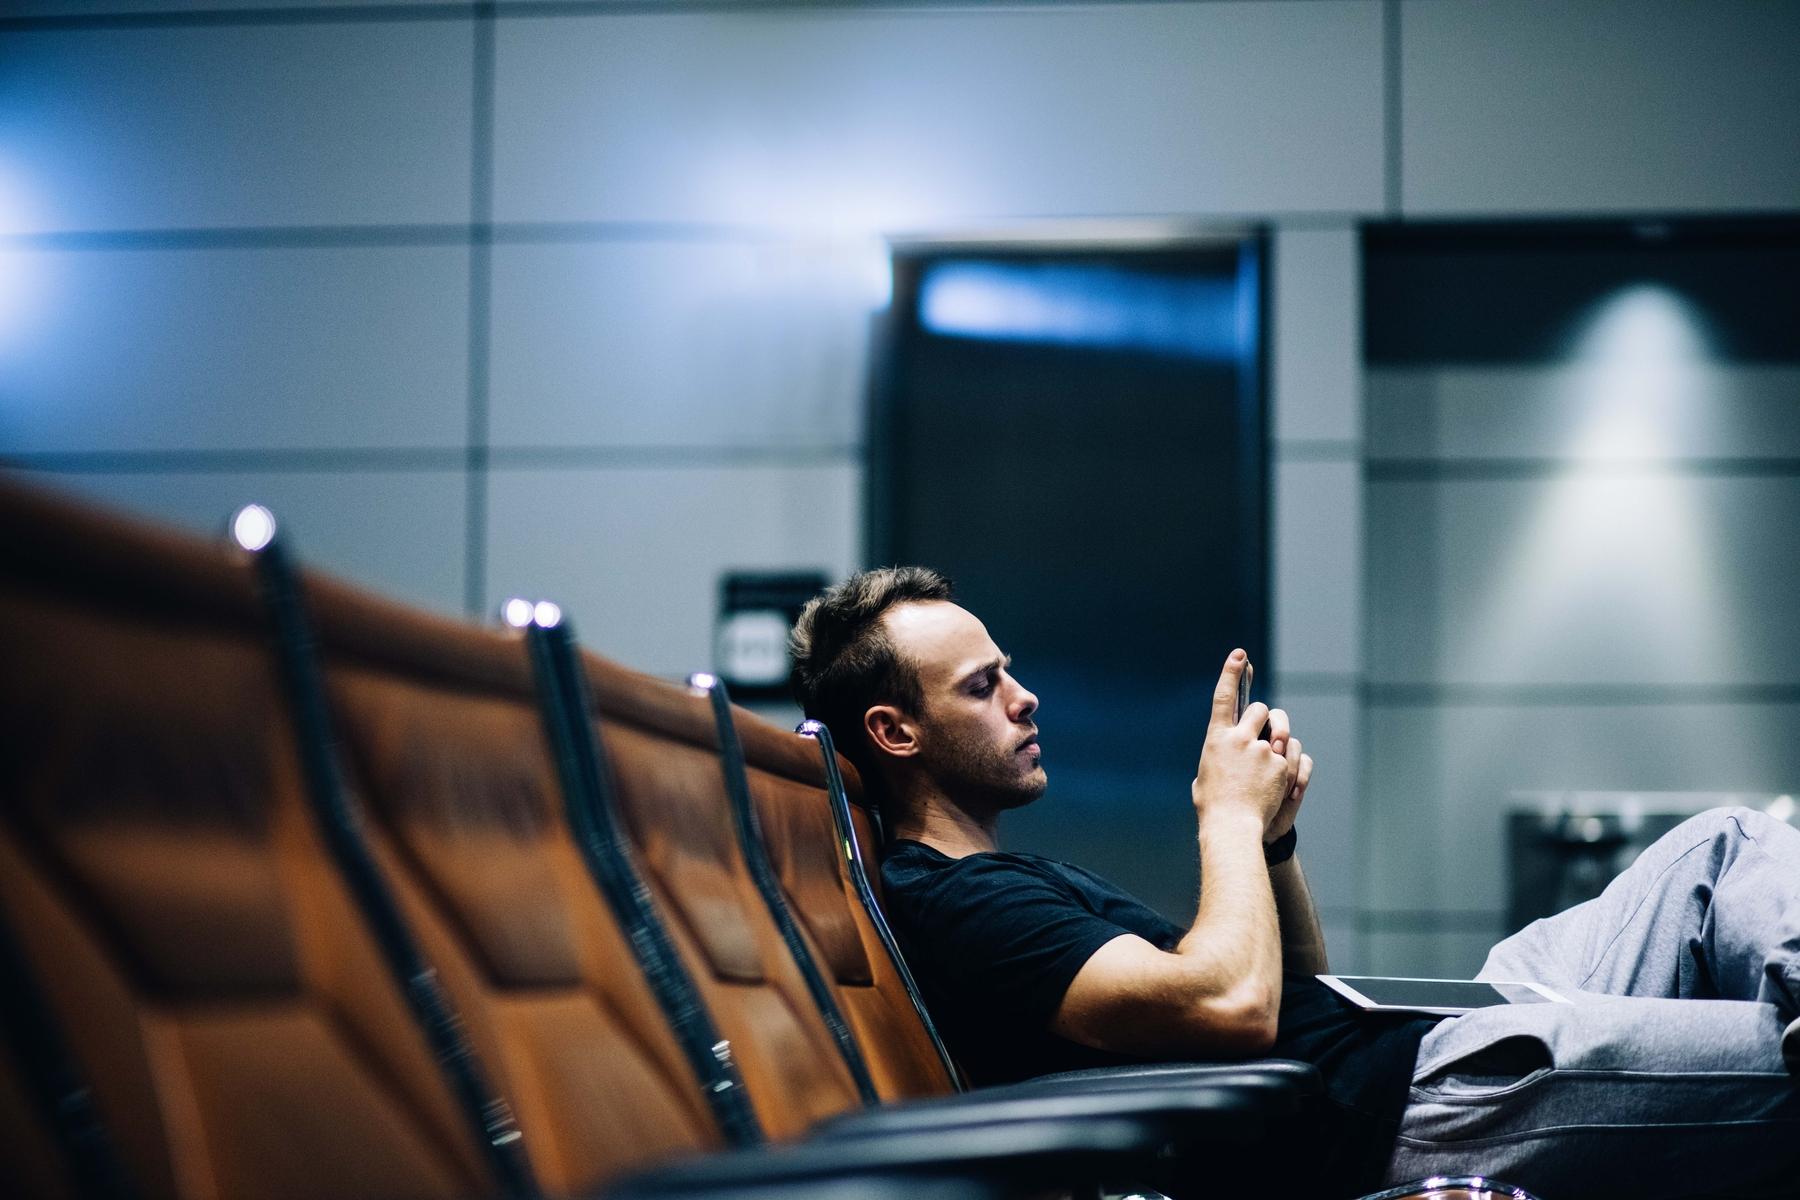 Homem no aeroporto mexe no celular